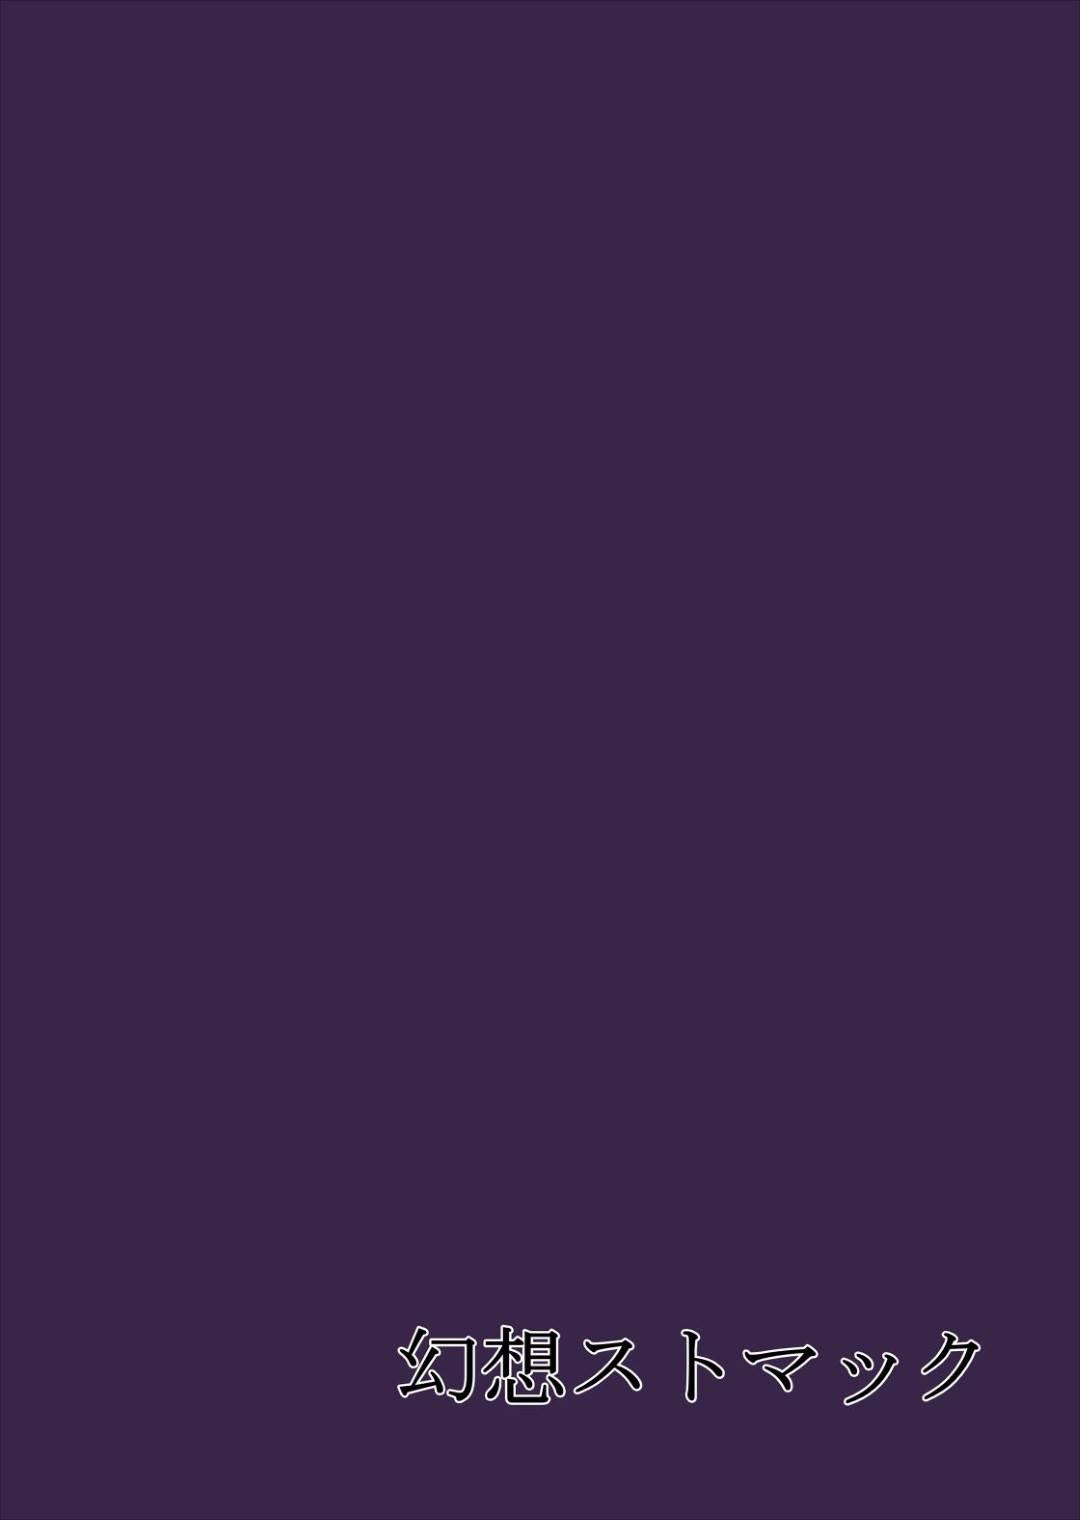 【エロ同人誌】悪党領主に牛耳られた町で税を減らすために身体を差し出している巨乳お姉さん…辛すぎる境遇になんとか耐え続けていると突然悪魔が現れ人間をやめてしまえと肉壁に包まれる!【幻想ストマック (タク):眷属の逆襲】